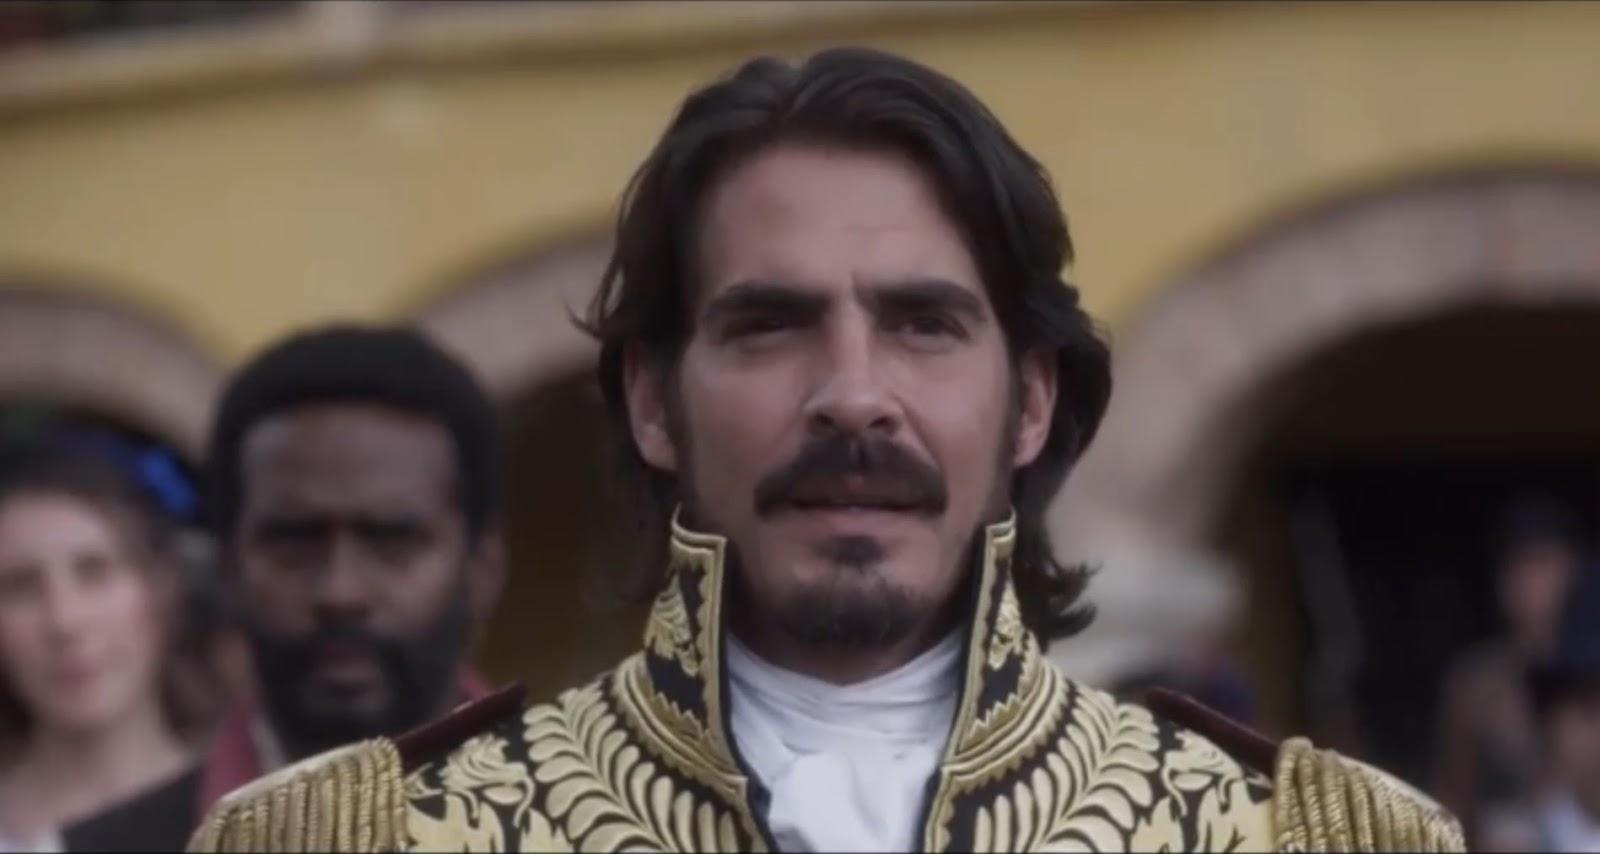 Bolivar Una Lucha Admirable 2019 Latino 1x01 al 10 720 Zippy